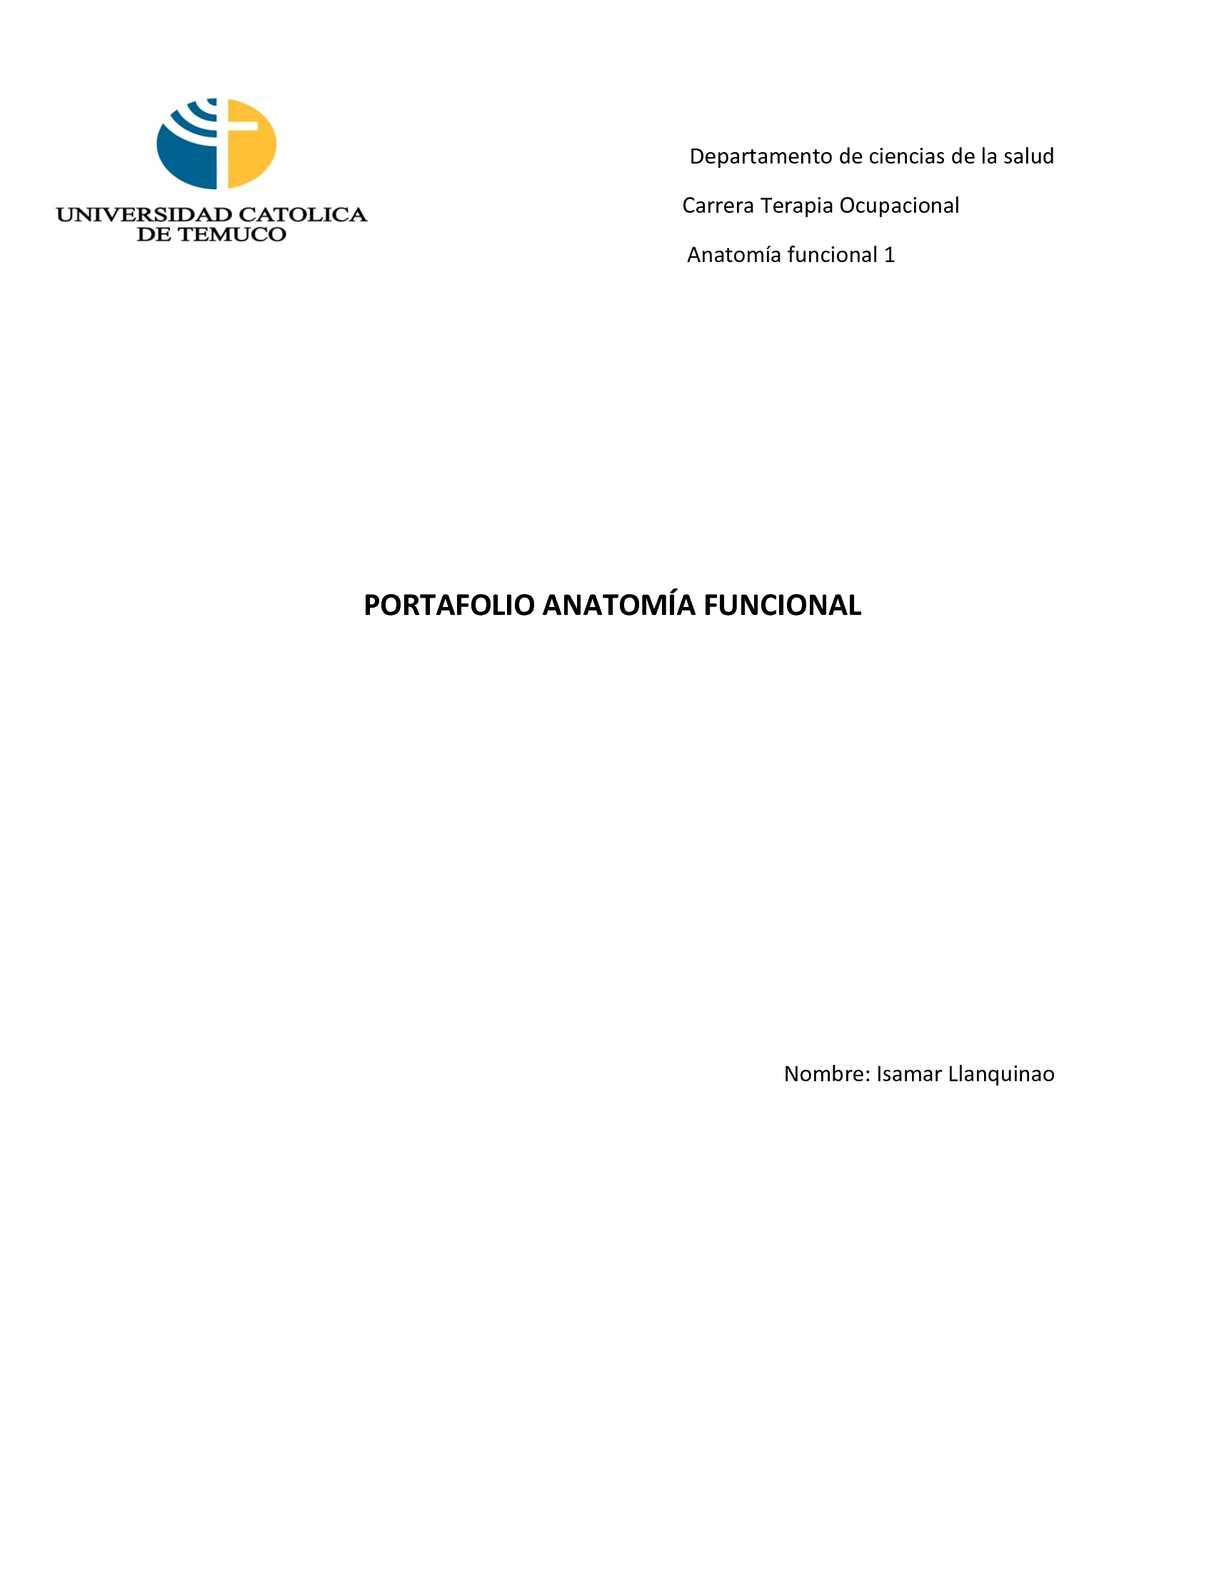 Calaméo - Portafolio Anatomía Funcional